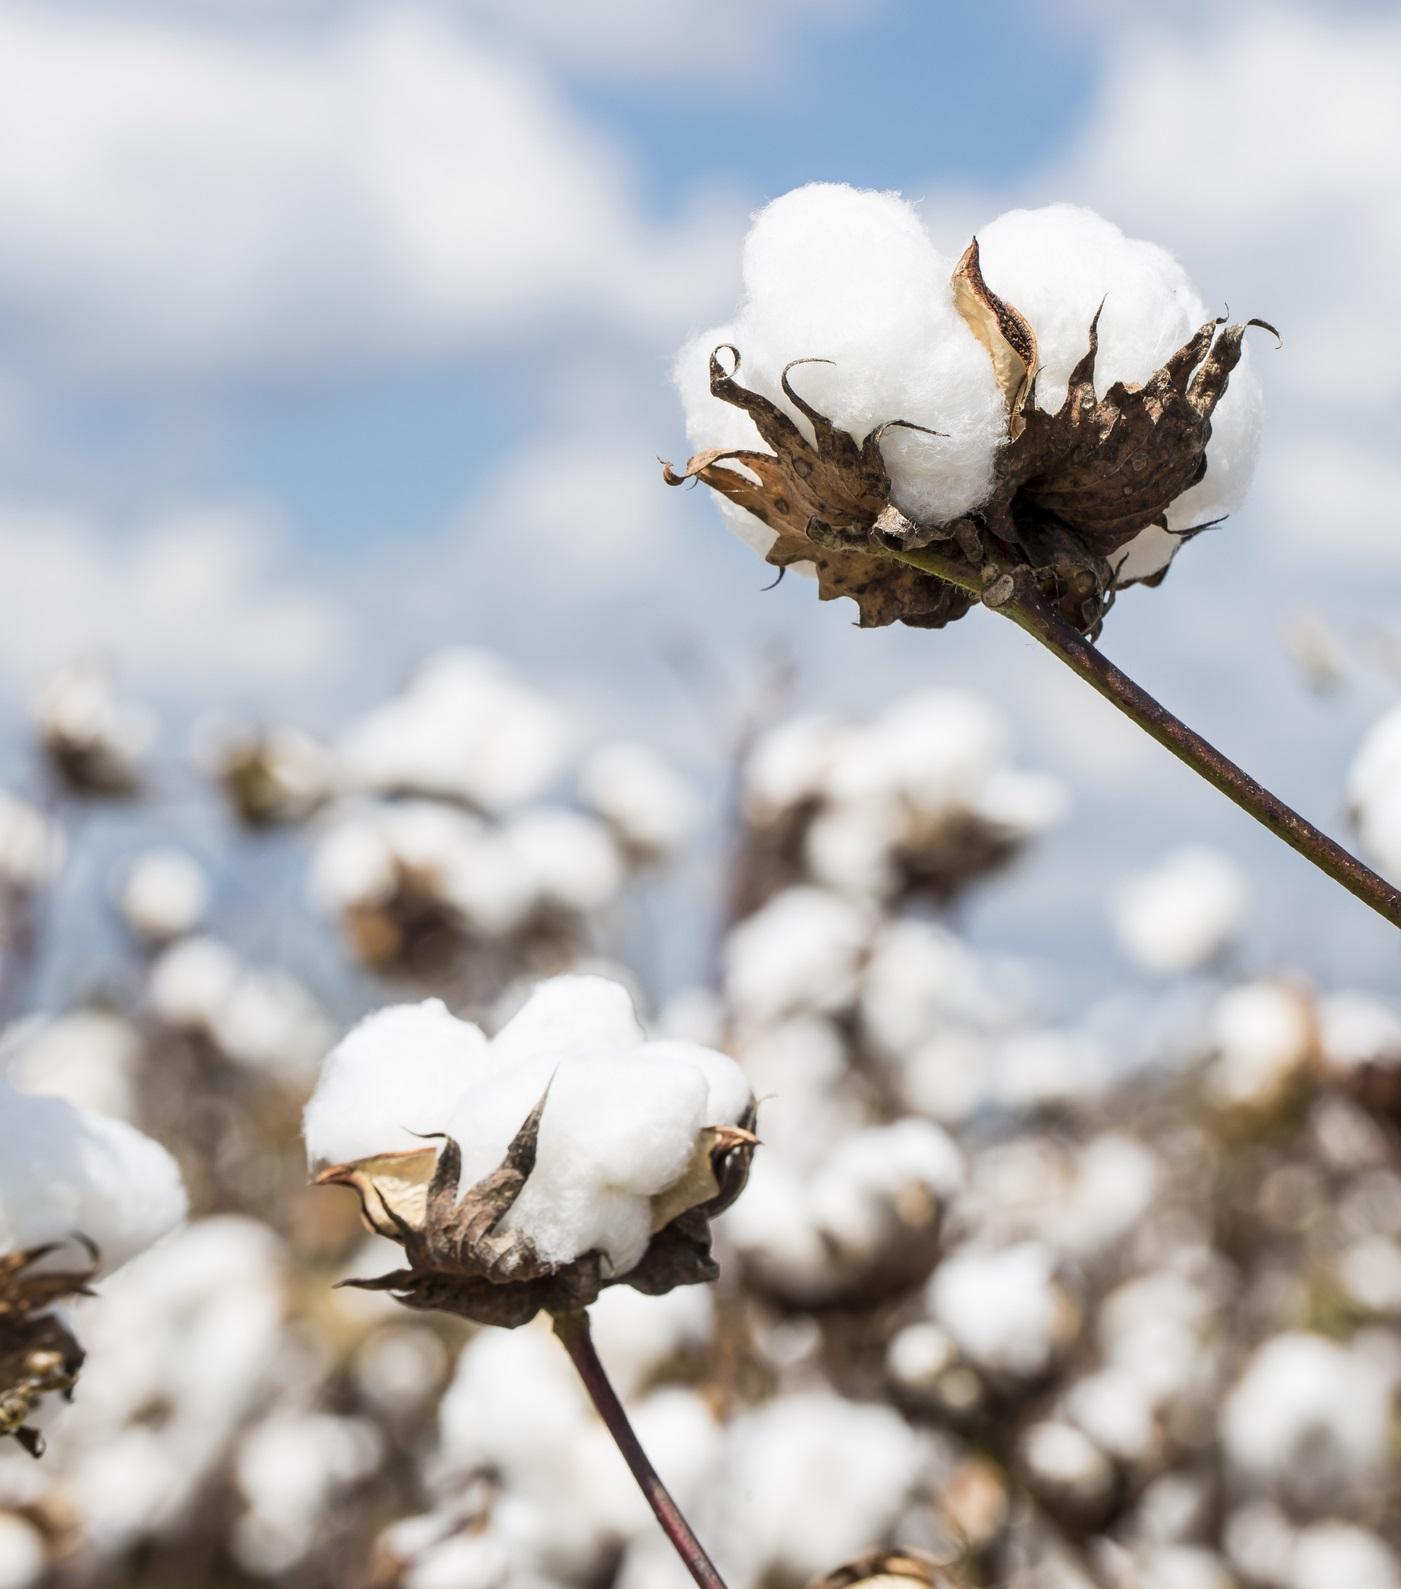 Cotton plant in a Louisiana field